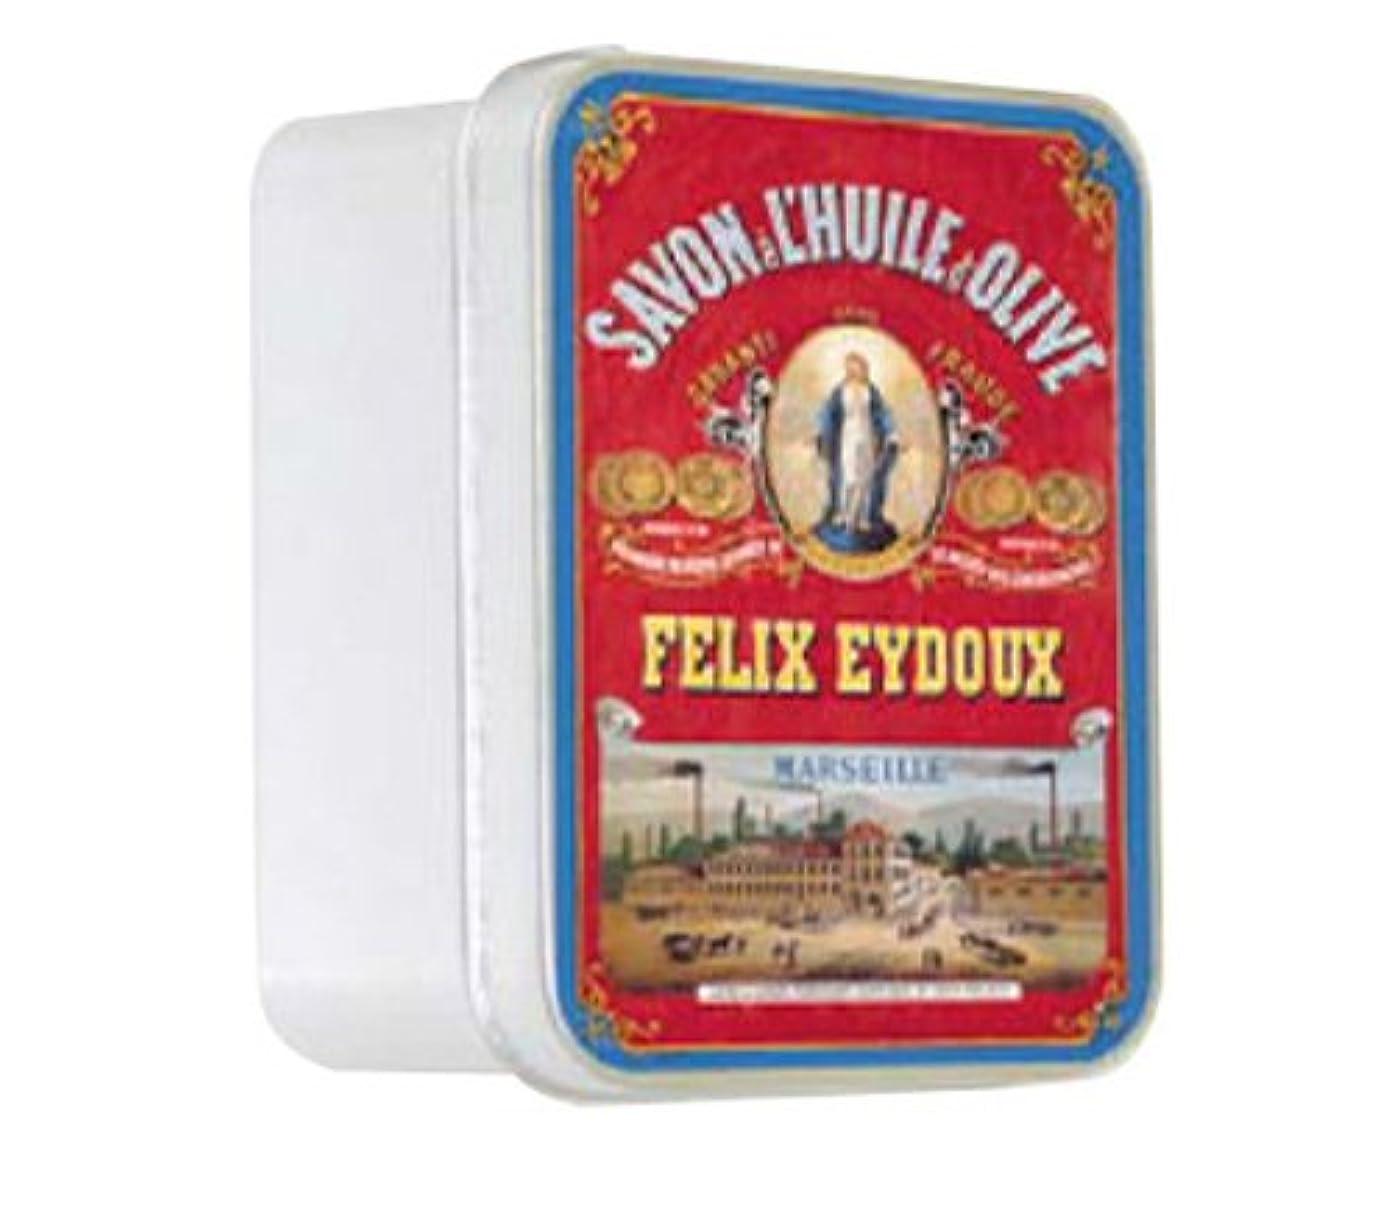 練るぴかぴかツーリストルブランソープ メタルボックス(マルセイユソープ?オリーブの香り)石鹸